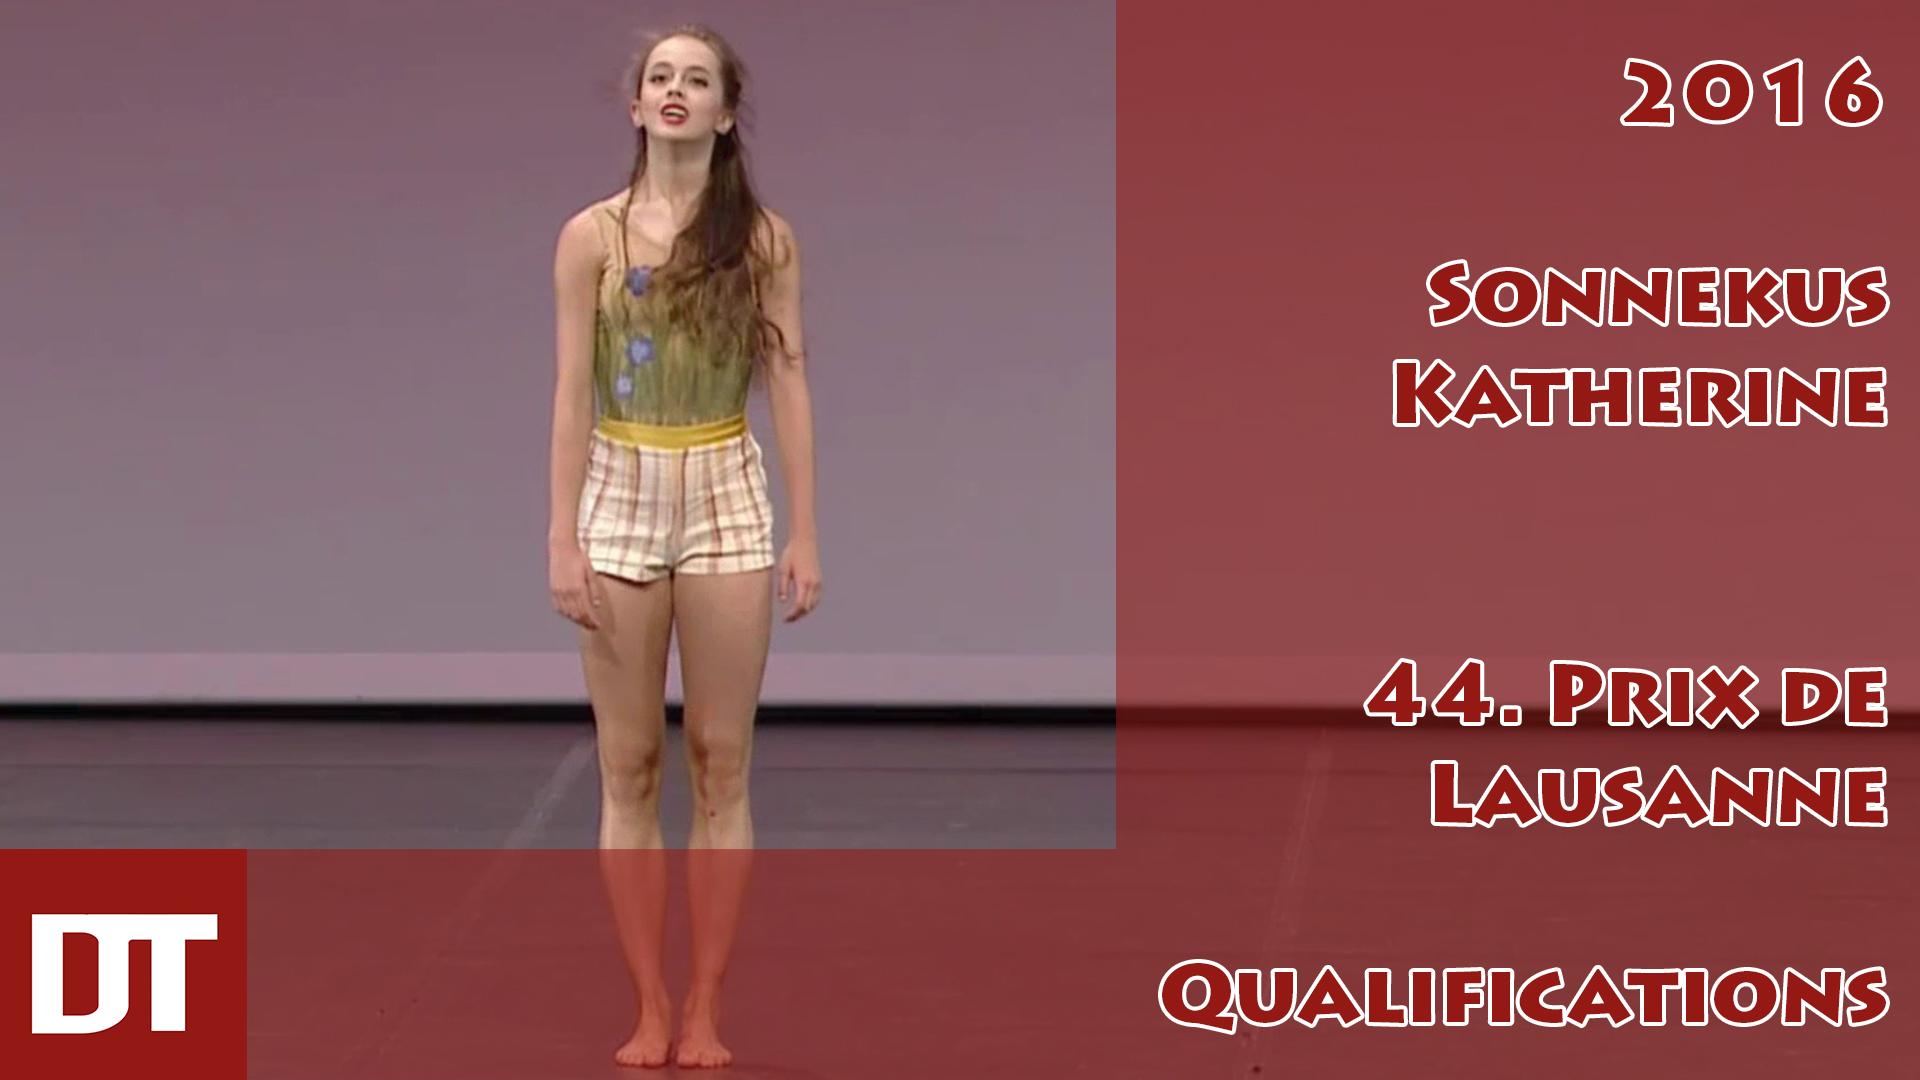 2016 – Sonnekus Katherine – 44. Prix de Lausanne – Qualifications